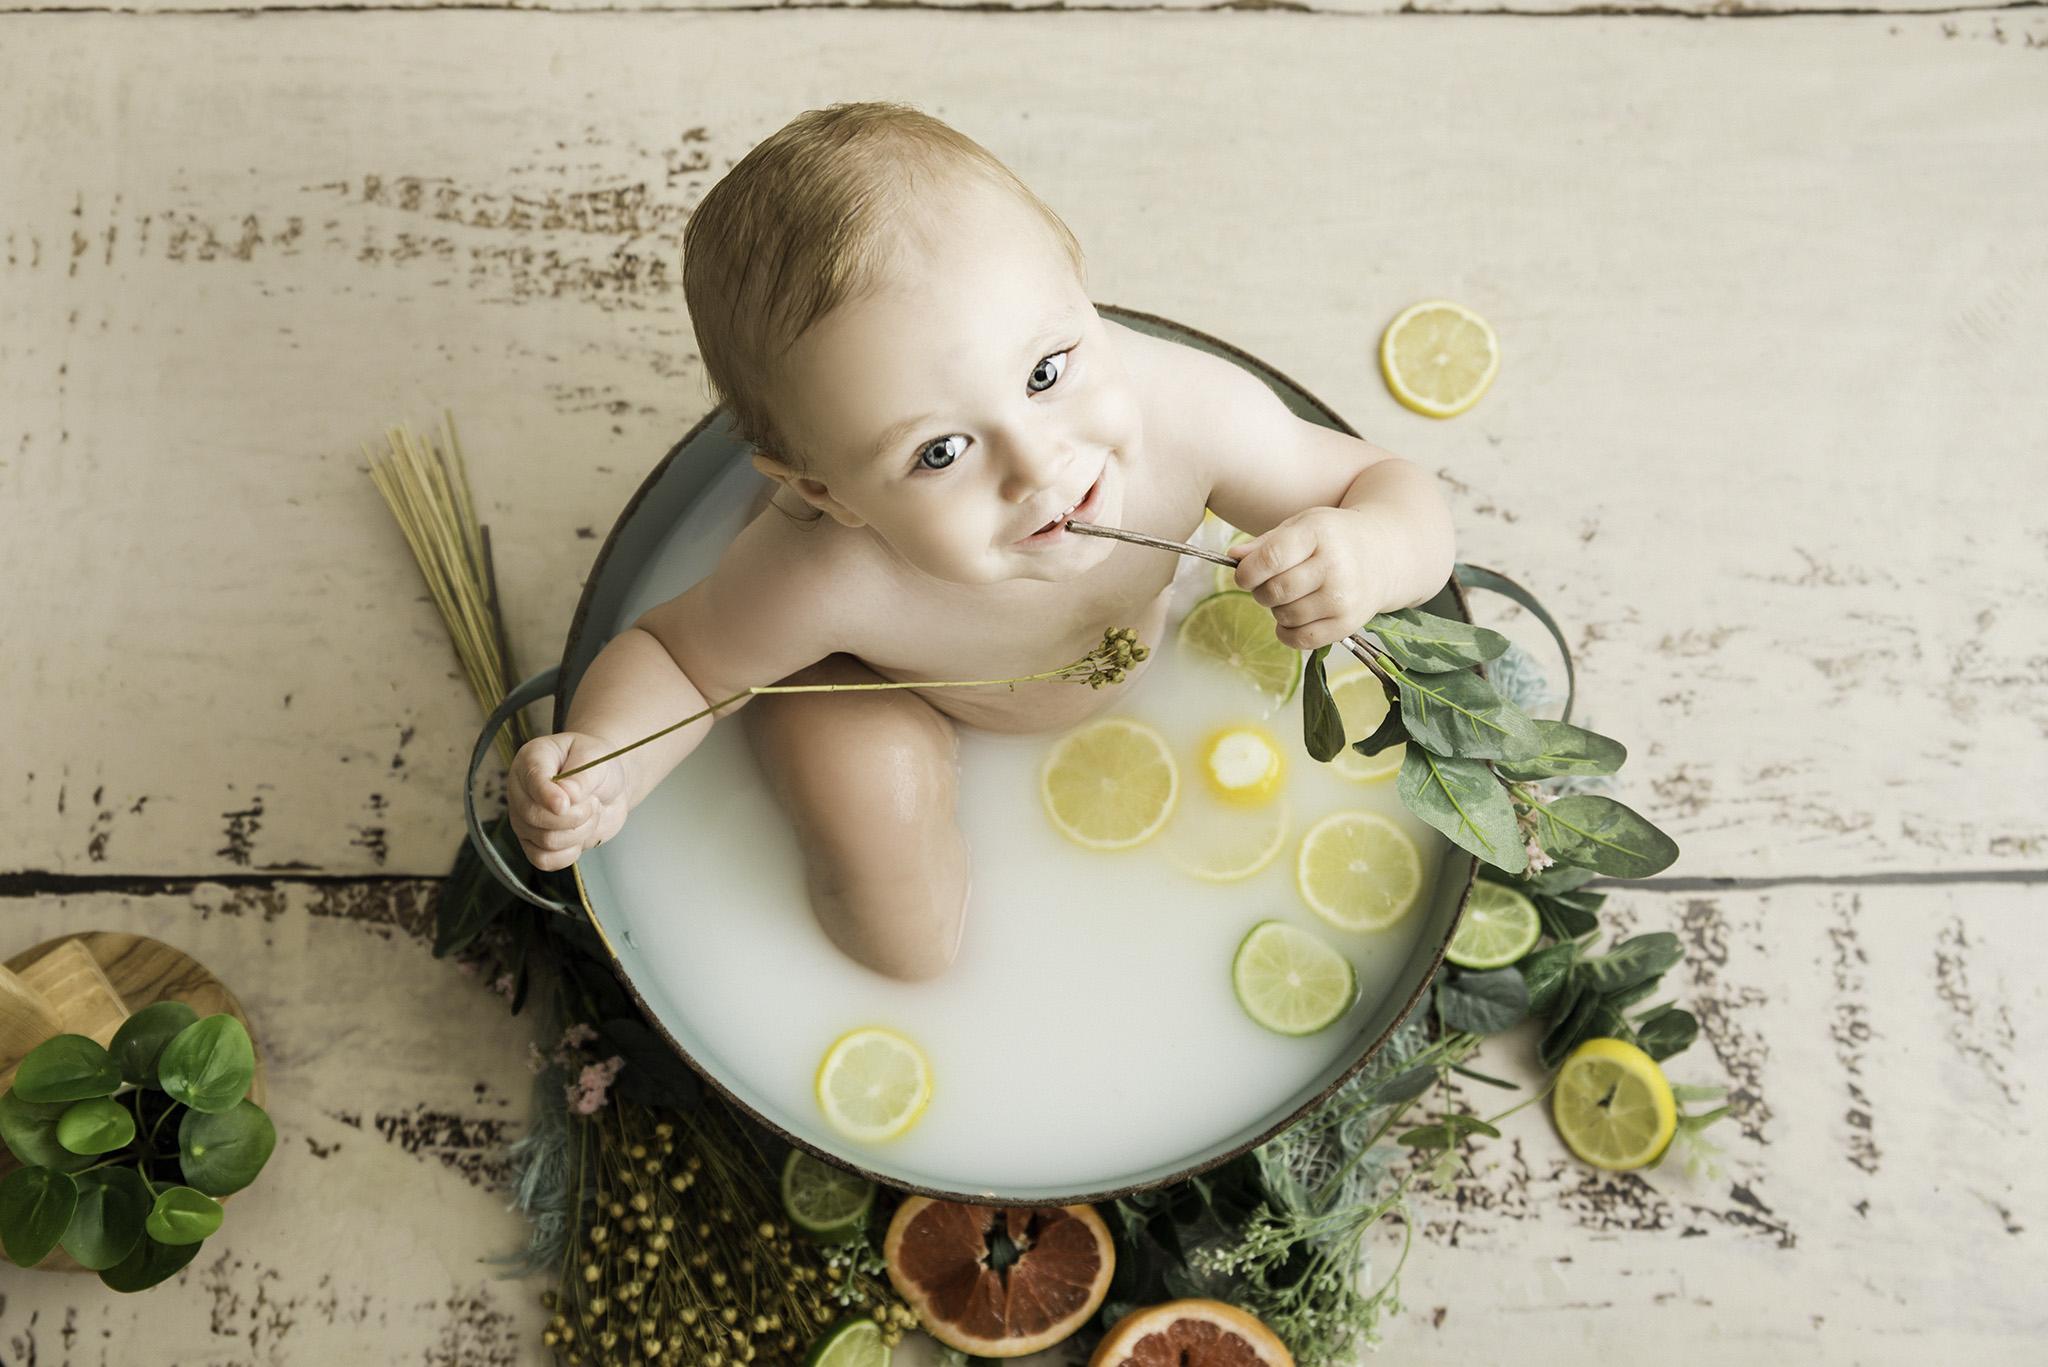 séance 1 an de bébé dans un bain de lait au studio photo One Moment Photographie